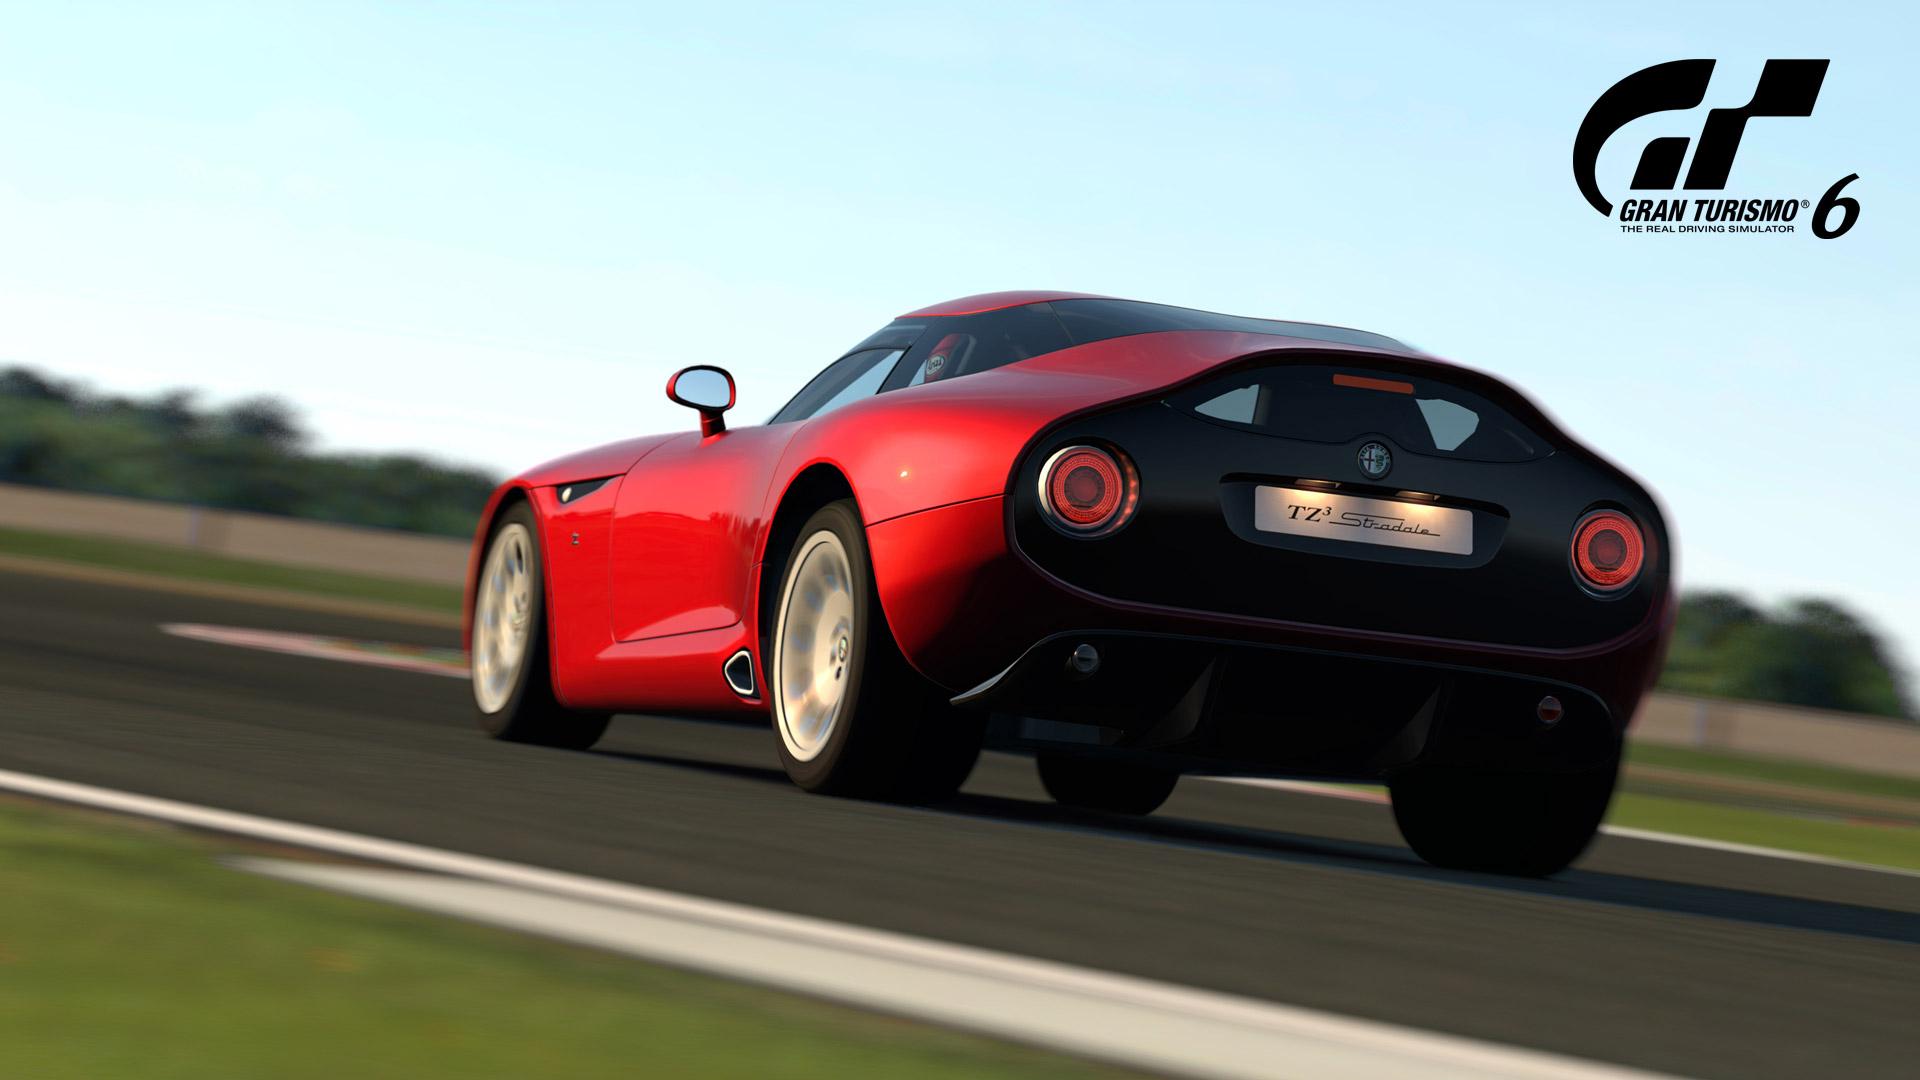 Gran Turismo 6 wallpaper 4